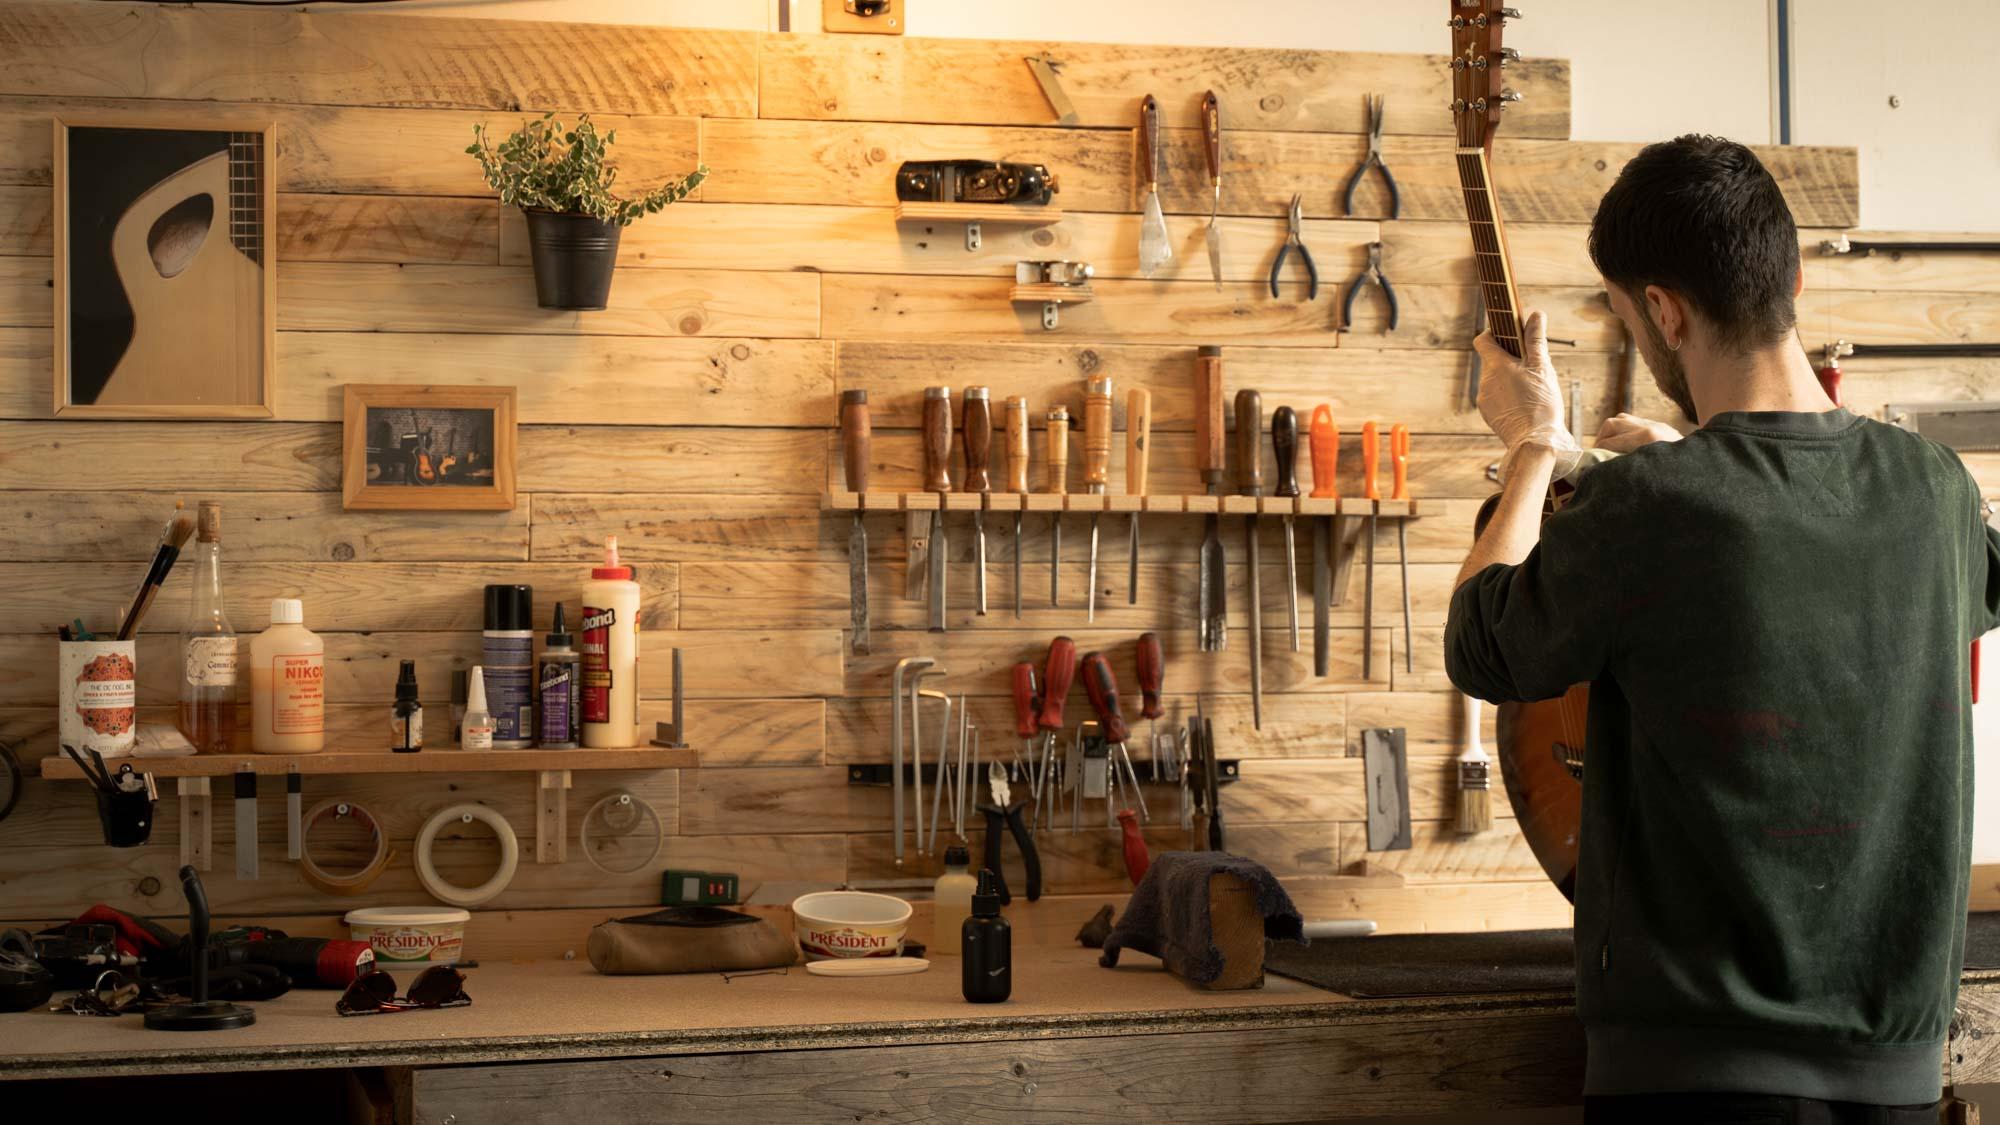 Luthier-guitare-réparation-reglage-toulouse-lutherie-j.melis-artisan